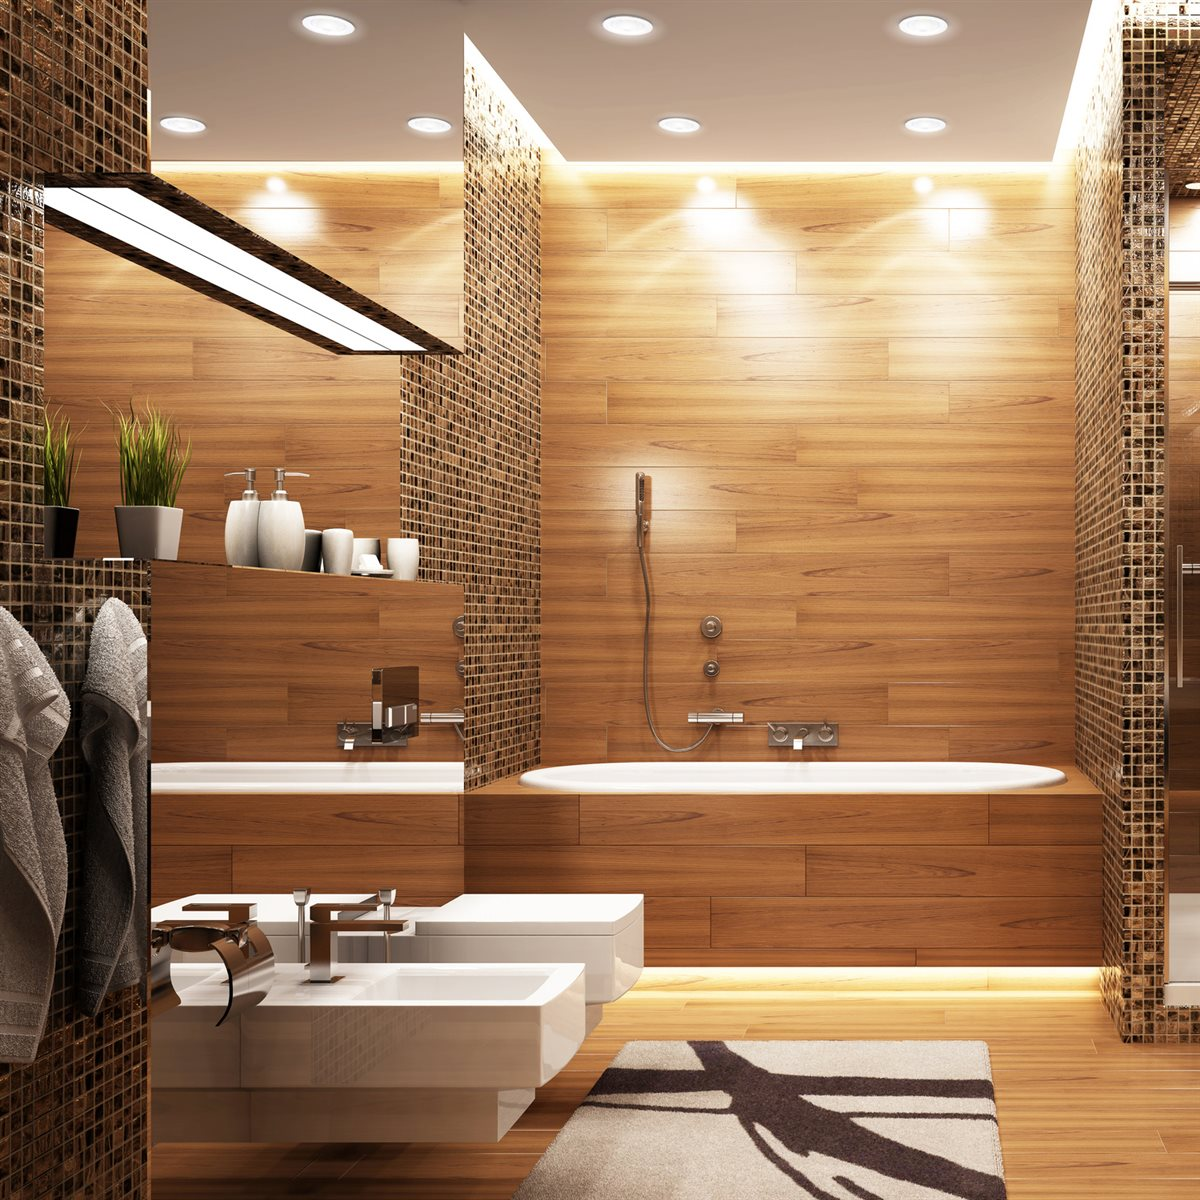 decken lampen led images. Black Bedroom Furniture Sets. Home Design Ideas